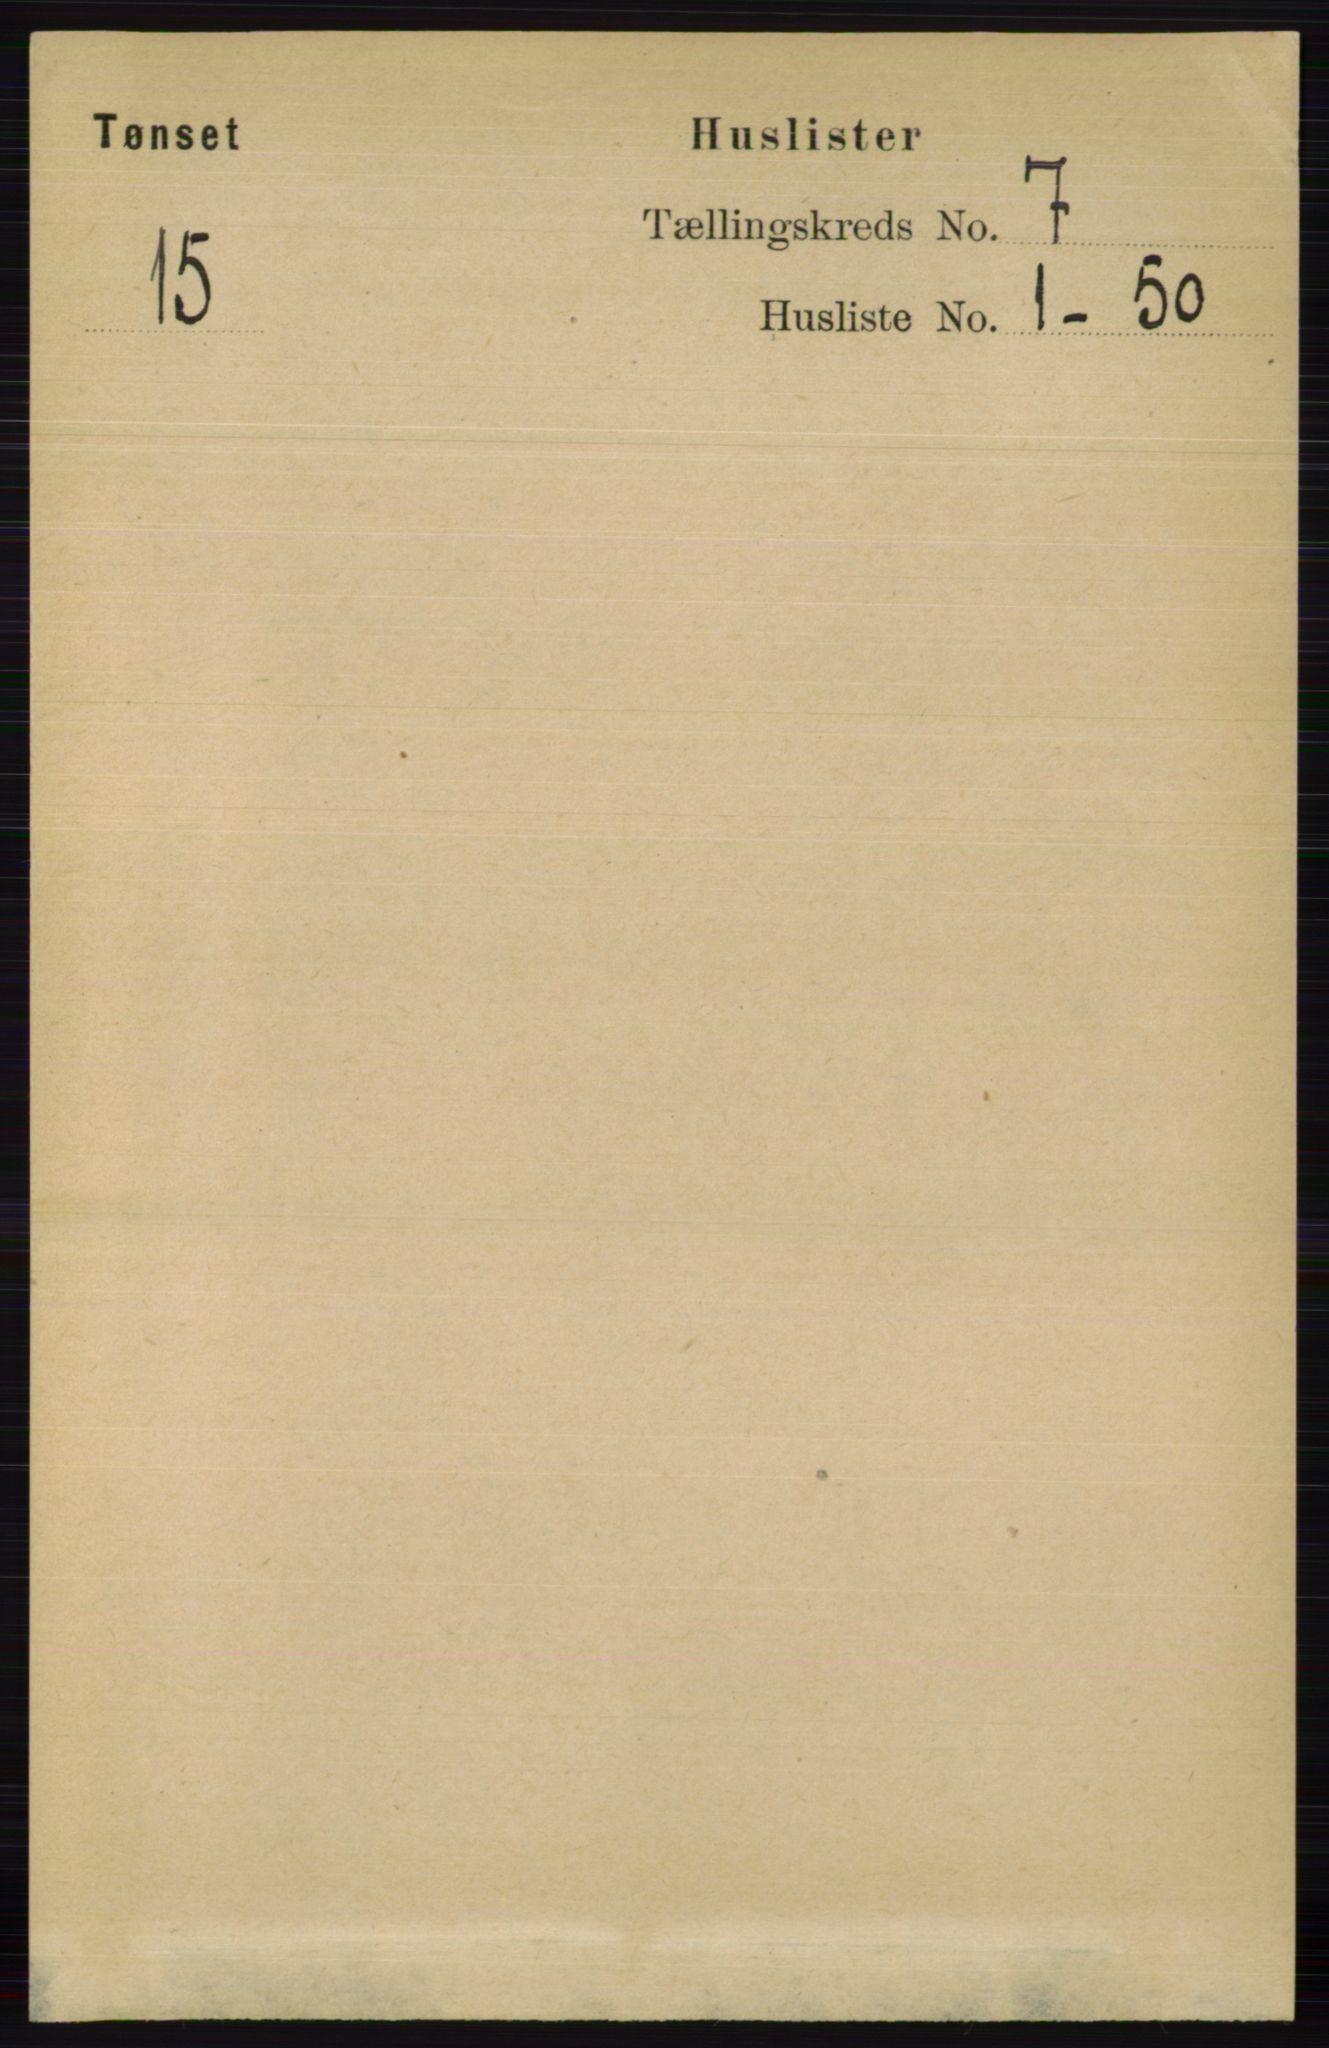 RA, Folketelling 1891 for 0437 Tynset herred, 1891, s. 1667